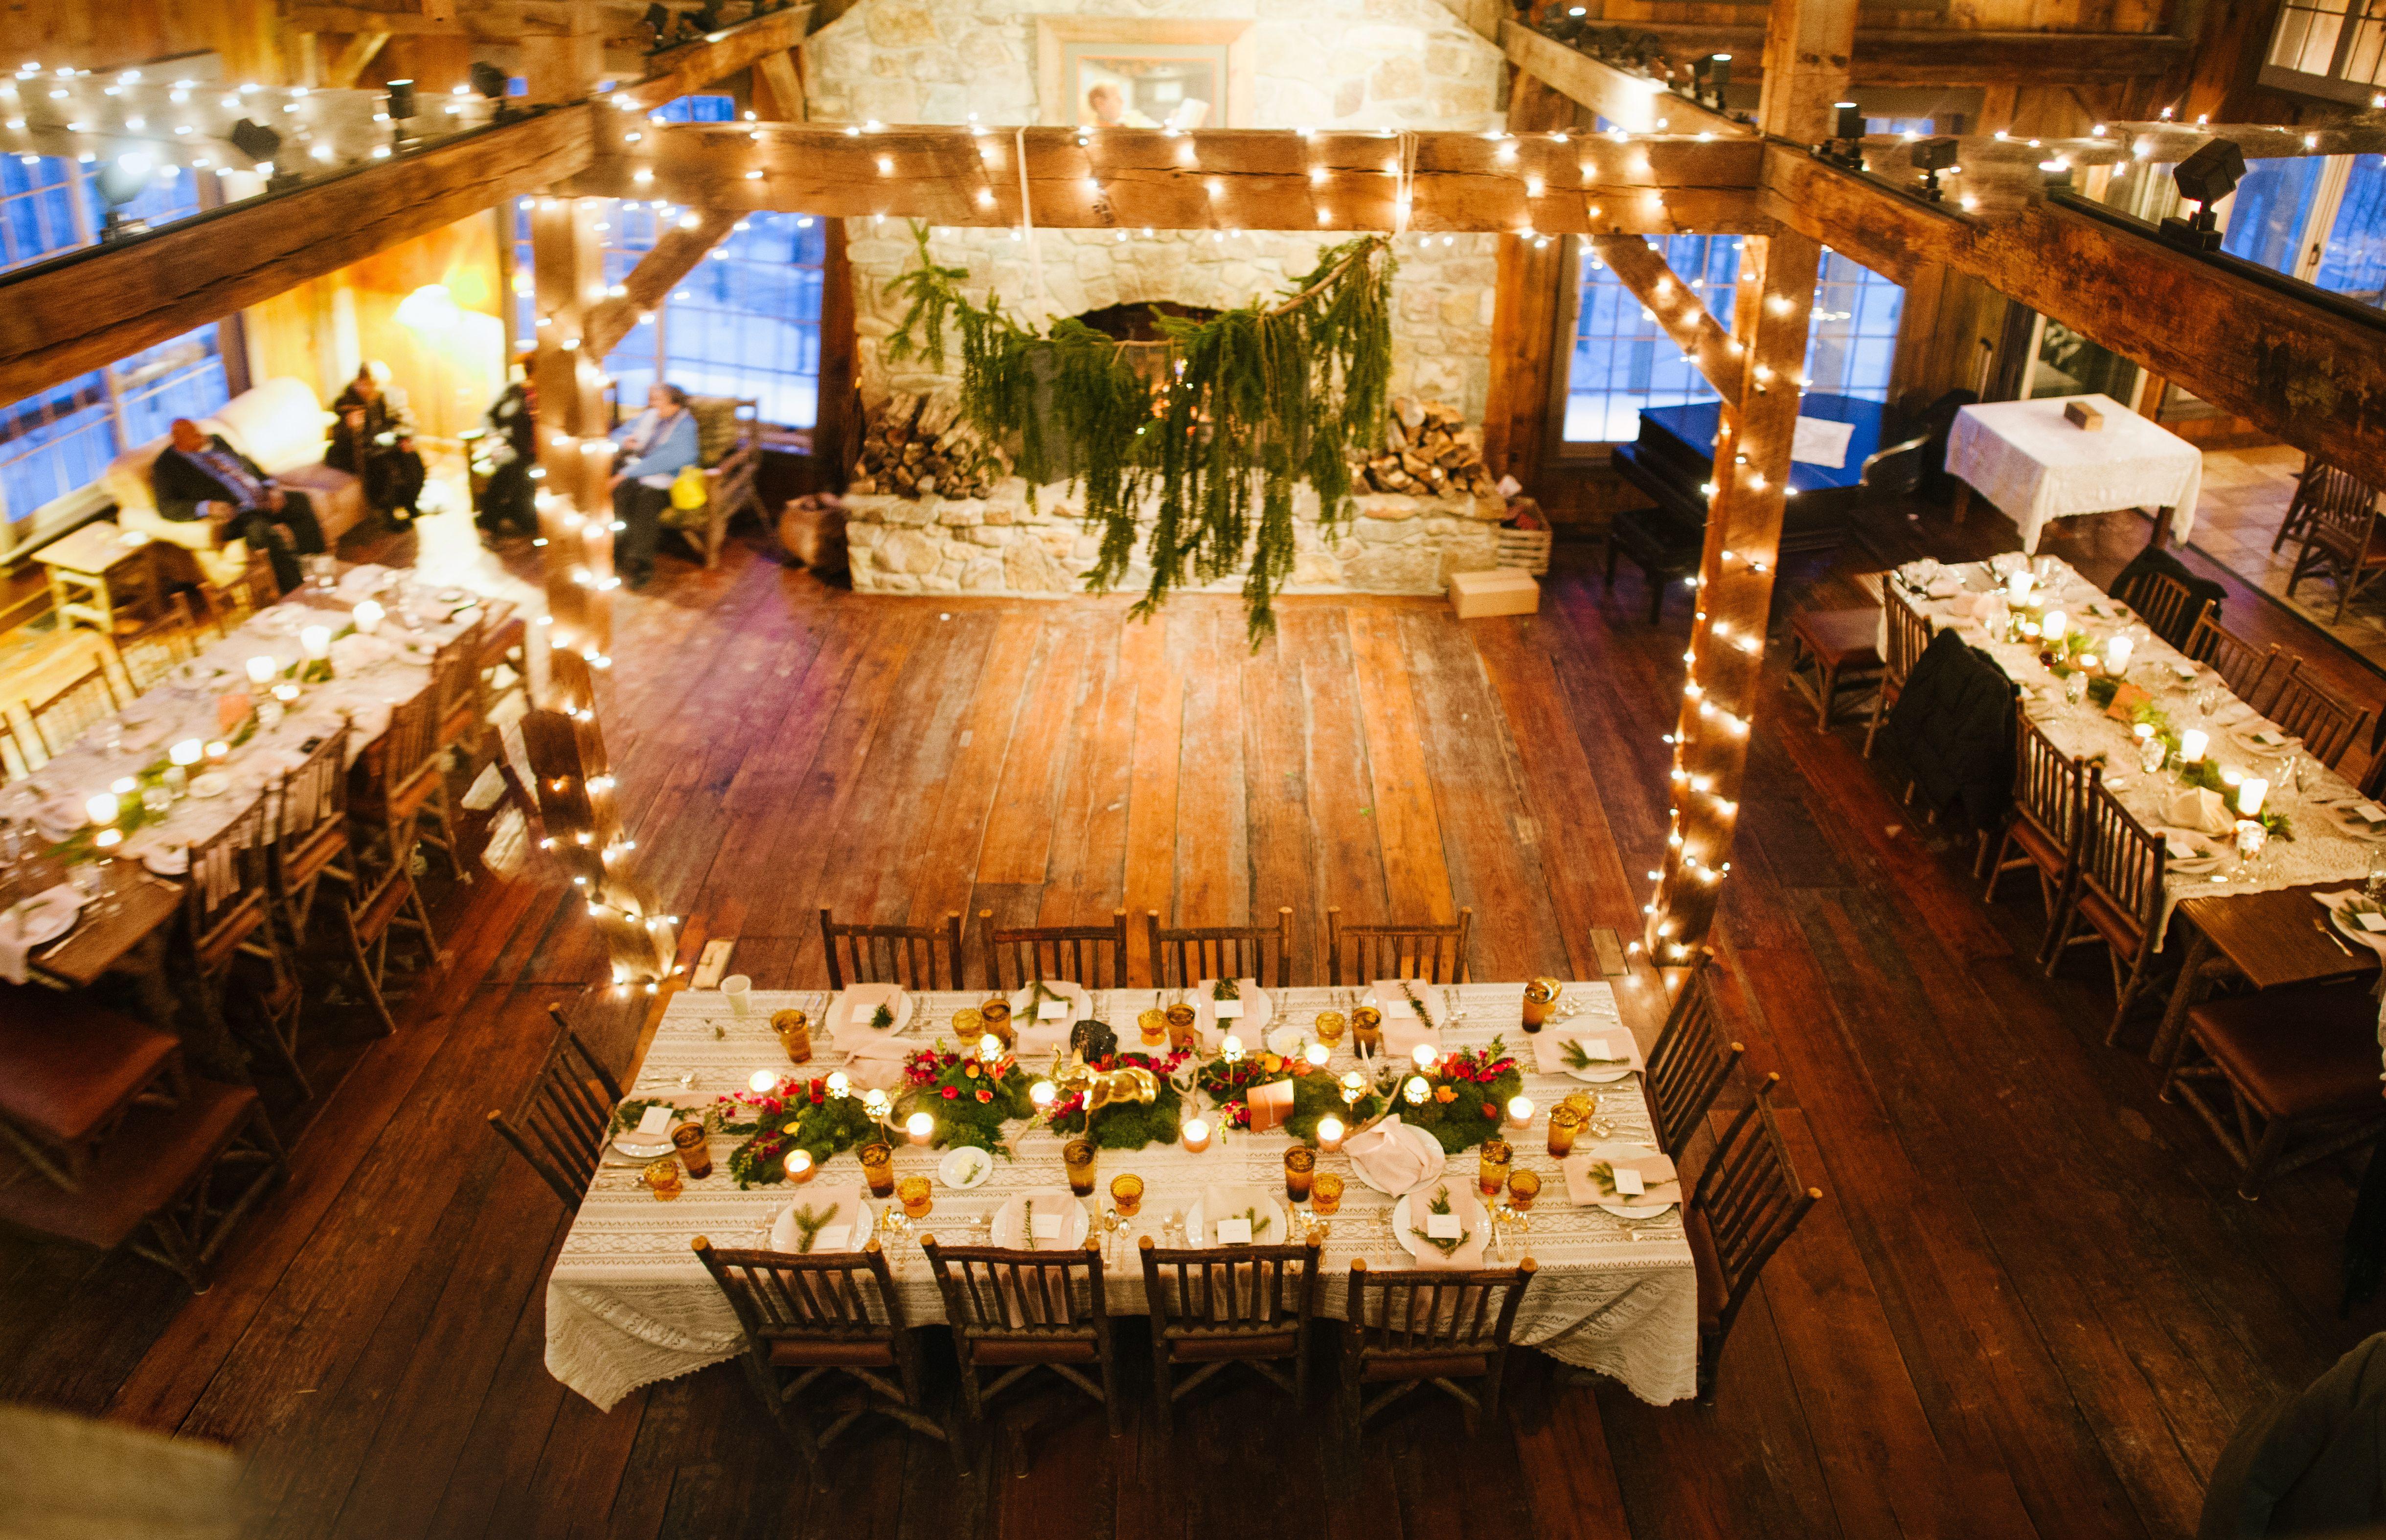 Thorpewood Lodge Reception Setup